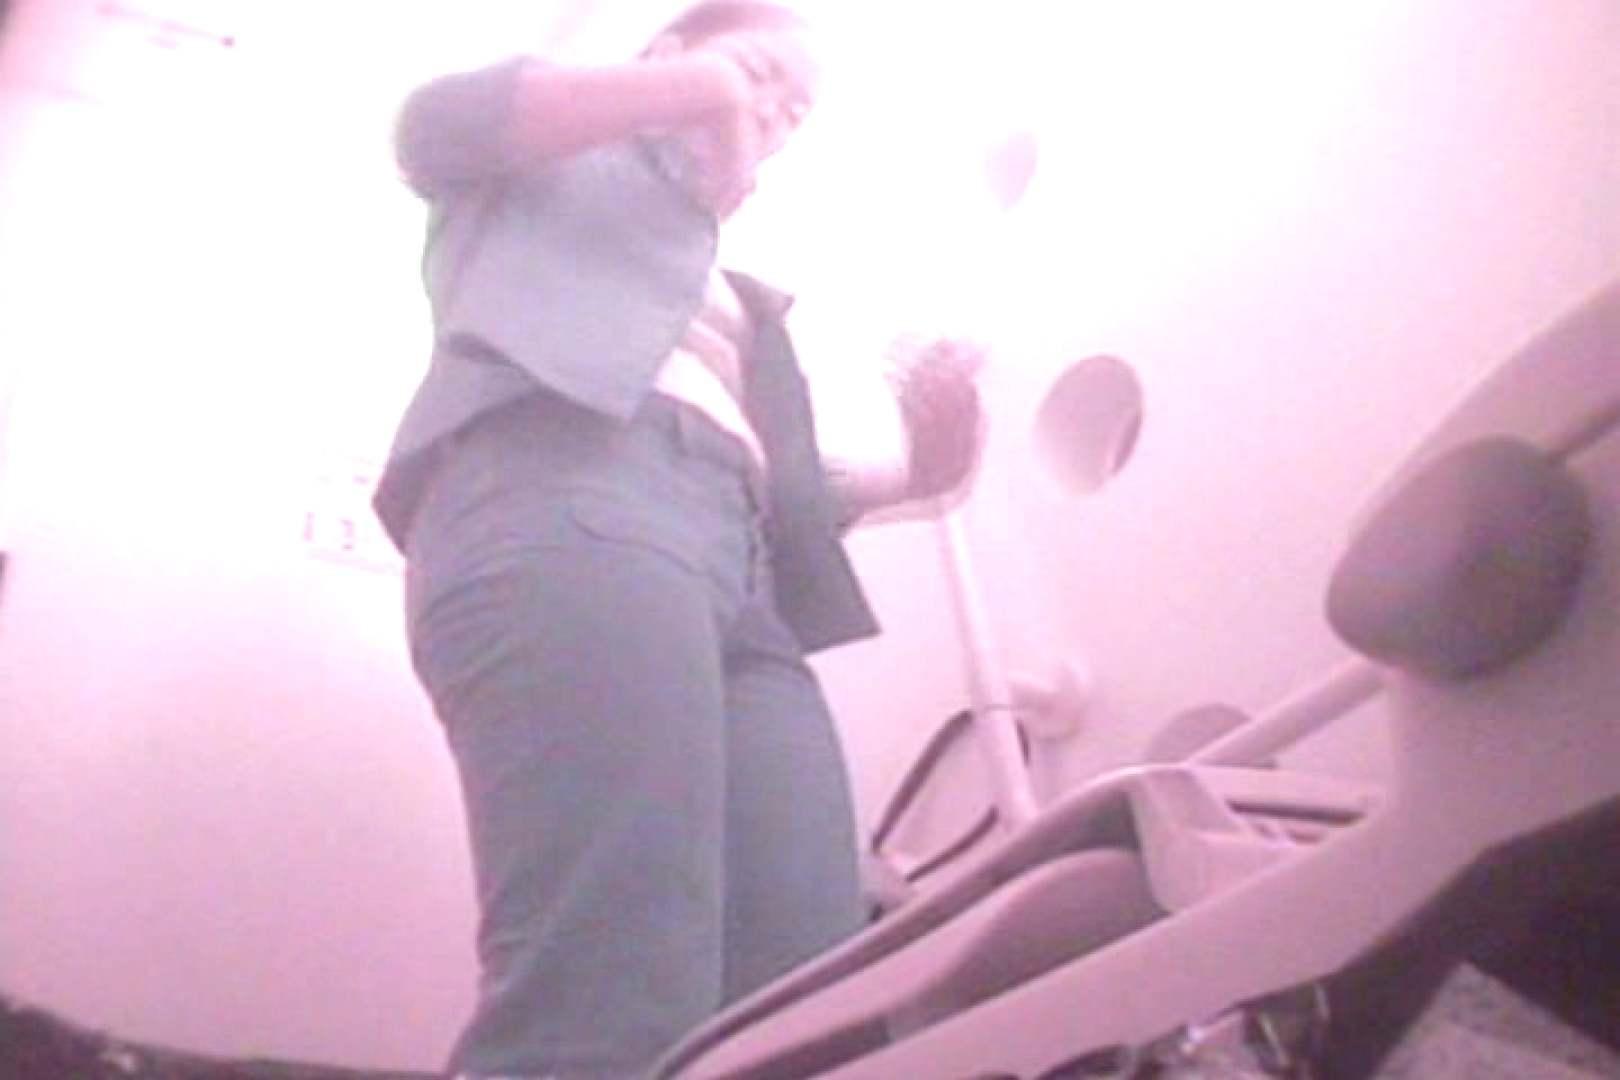 陸上部洗面所Vol.3 洗面所はめどり オマンコ動画キャプチャ 99画像 90